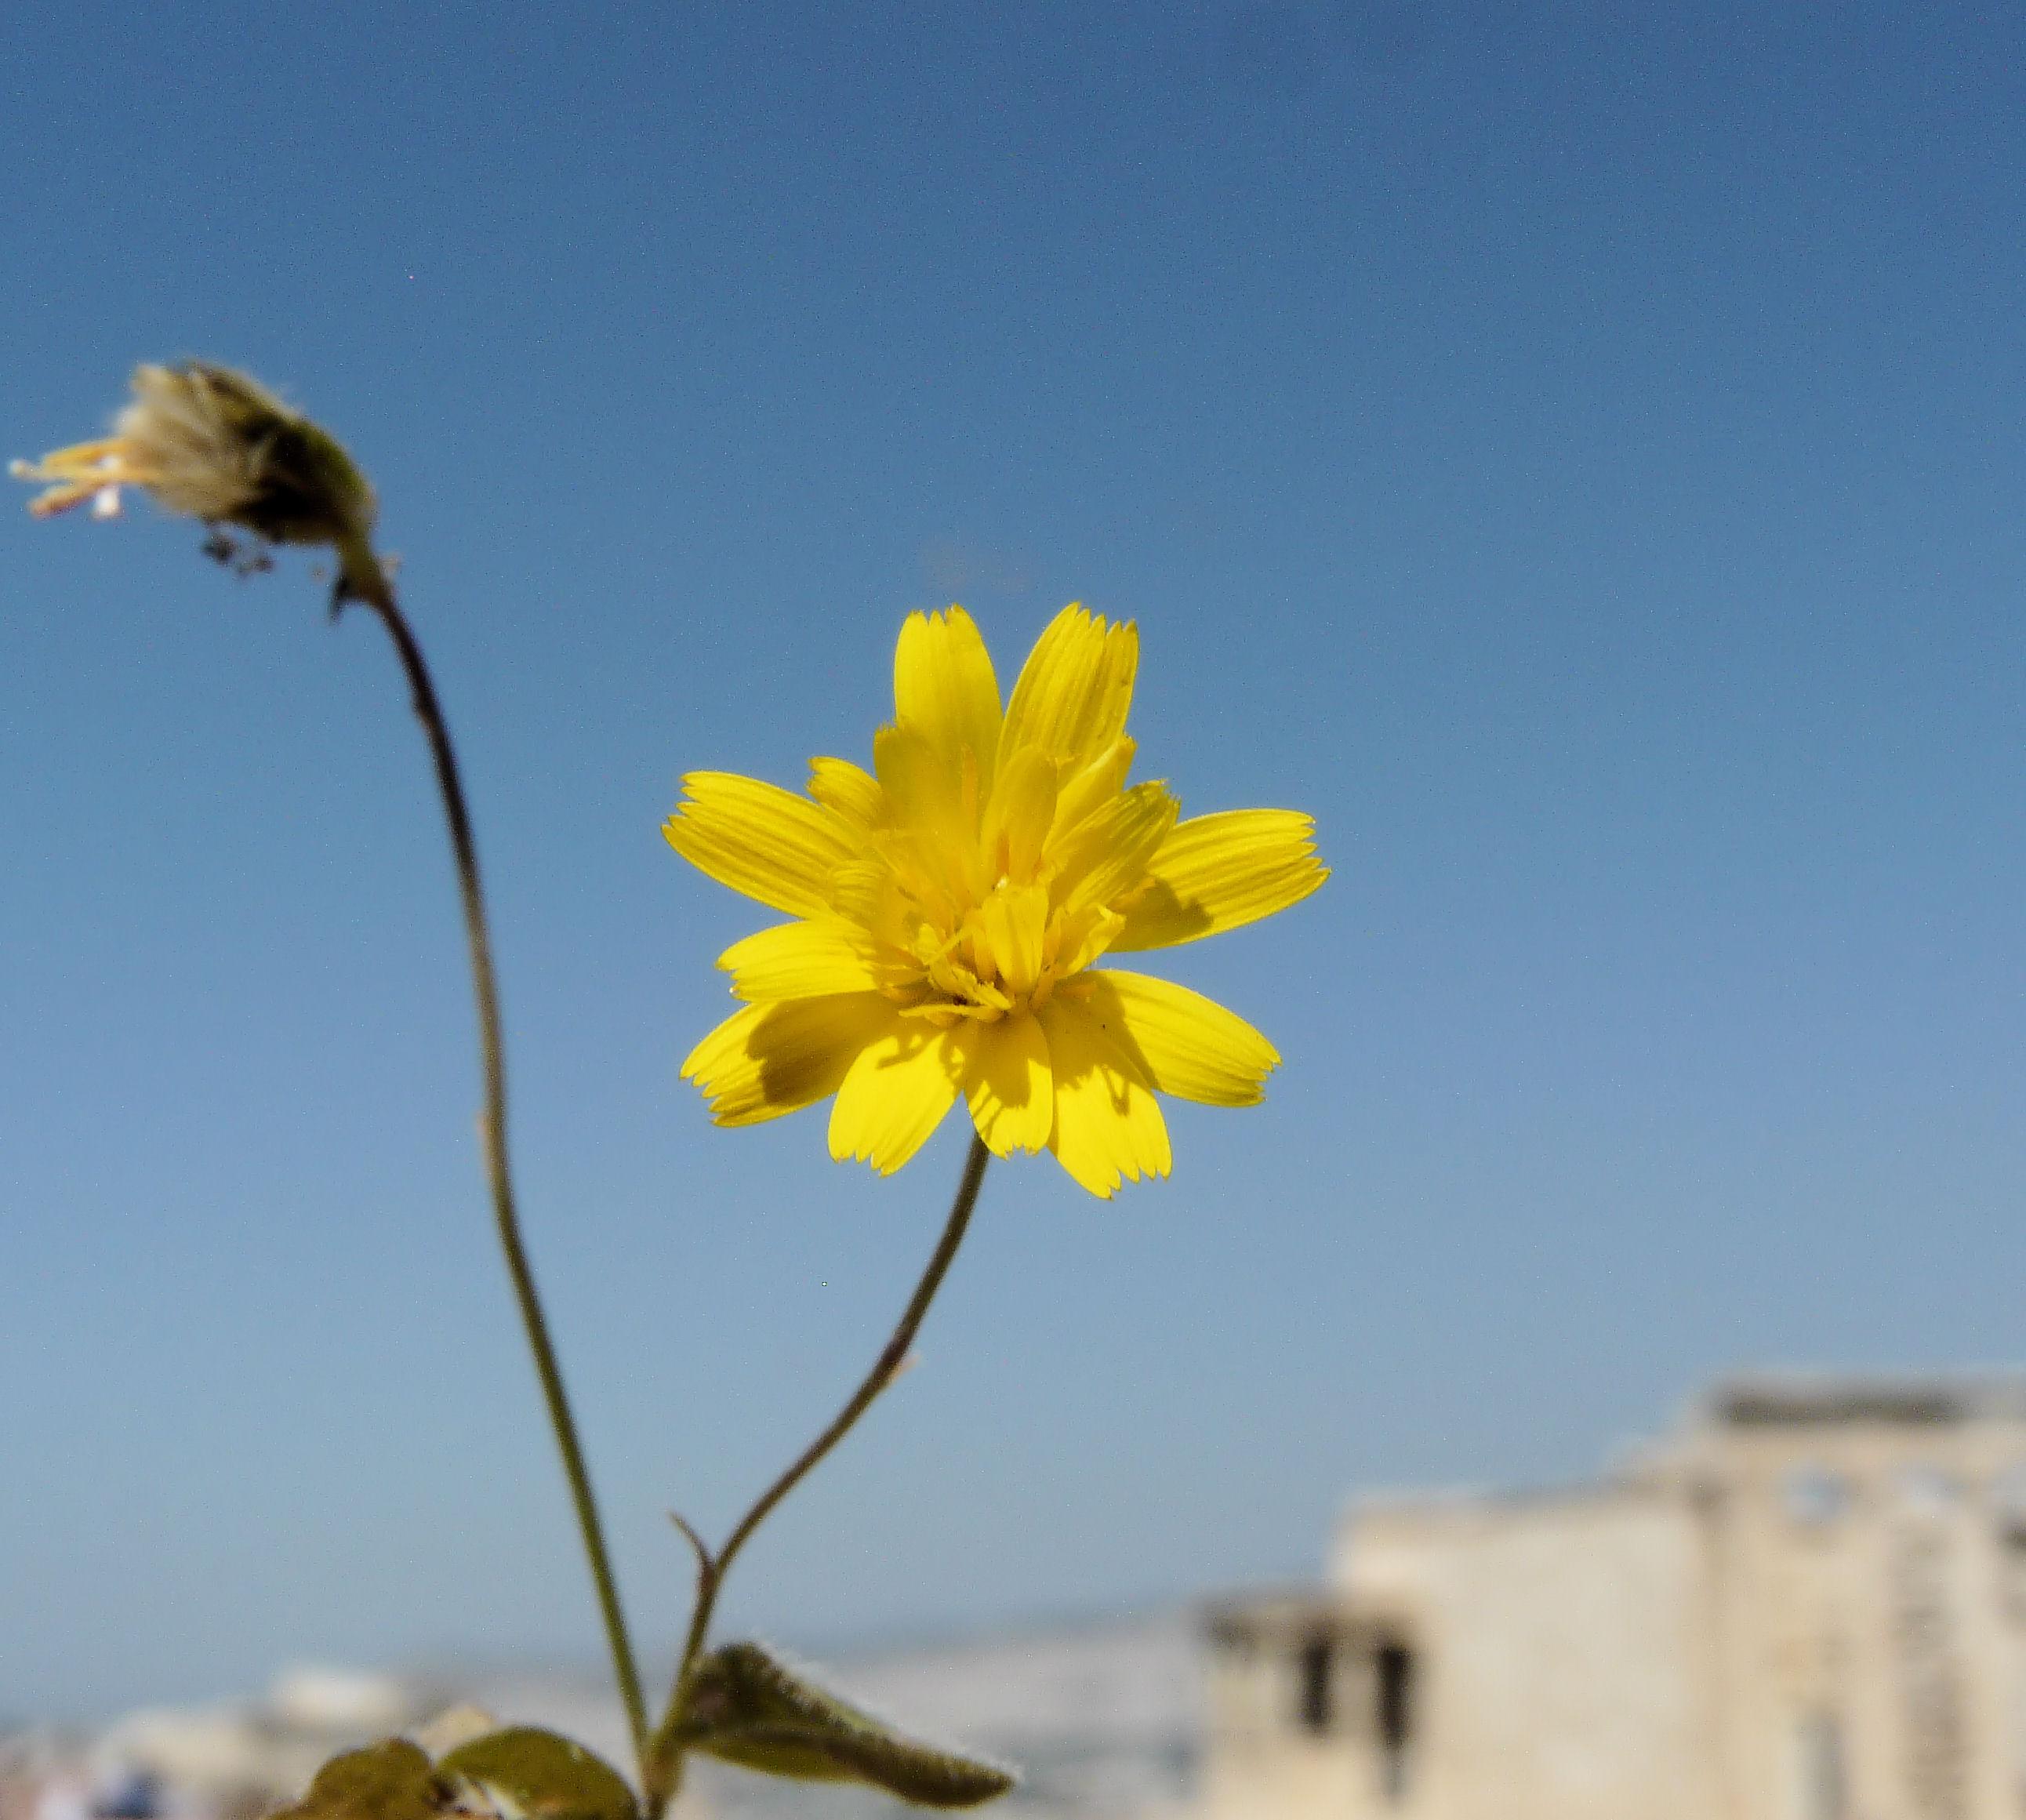 © Dipartimento di Scienze della Vita, Università degli Studi di Trieste<br>by Andrea Moro<br>Athens, Acropolis, near the Parthenon, Attica, Greece, 05/05/2012<br>Distributed under CC-BY-SA 4.0 license.